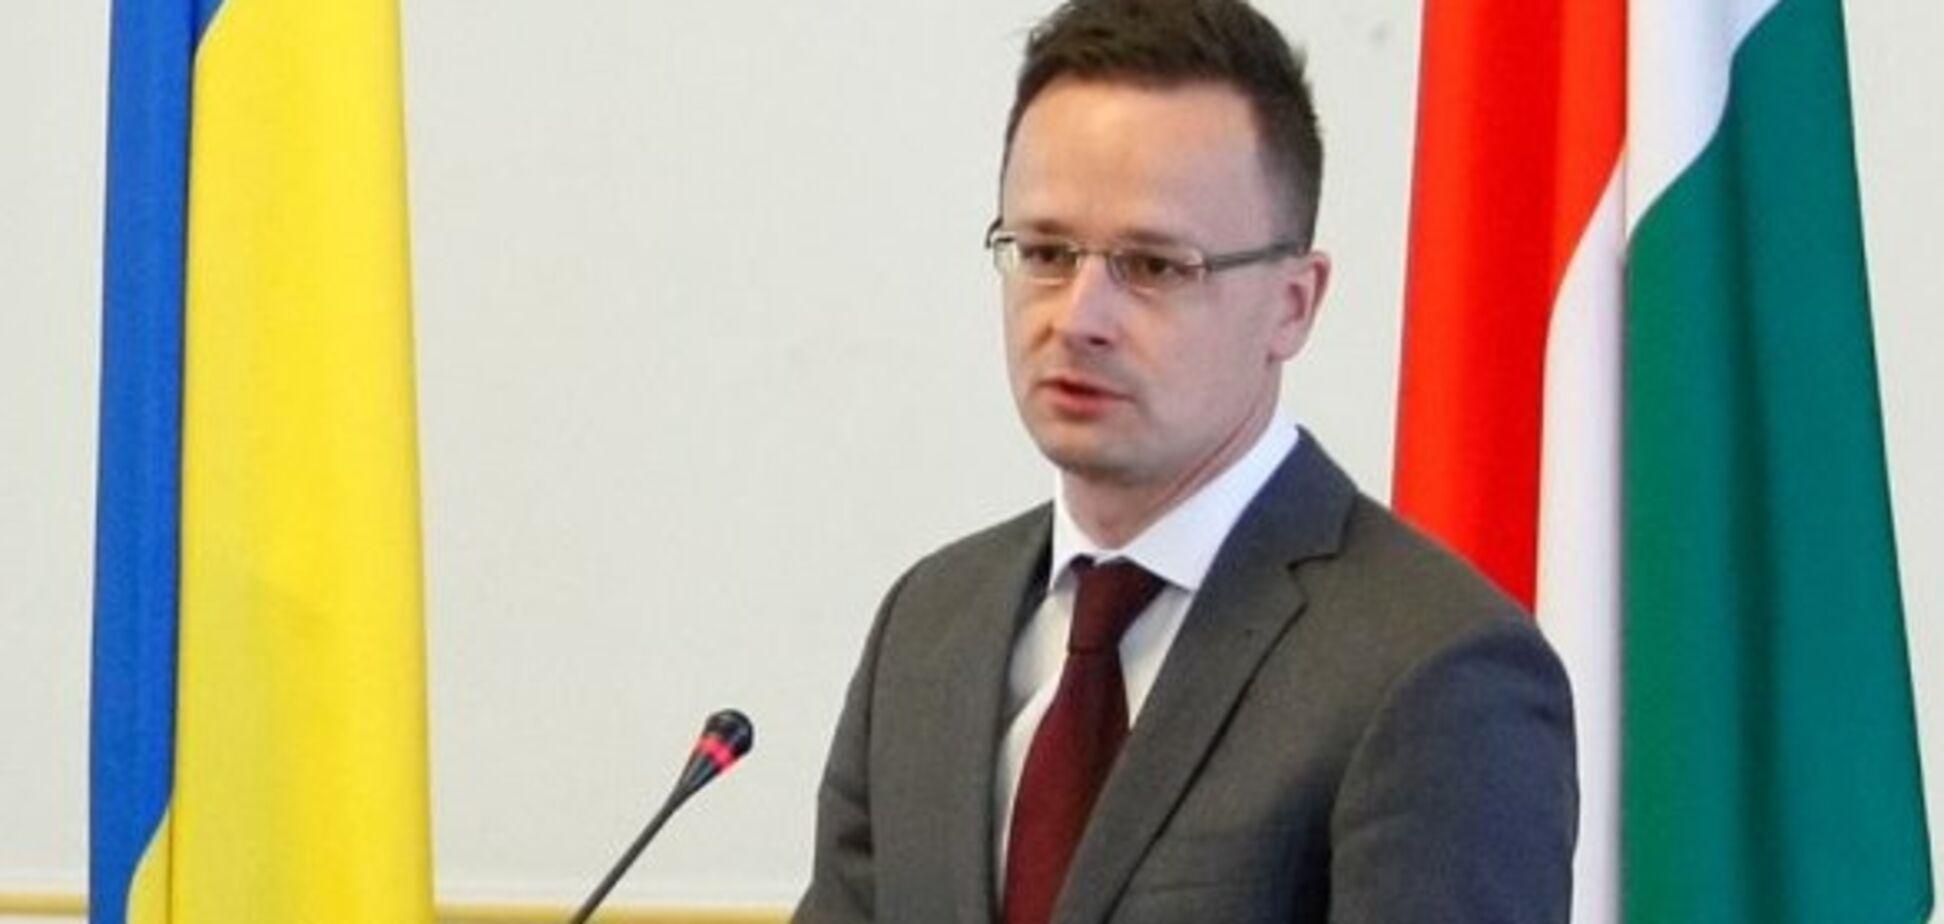 'Перепили вина': Украина ответила Венгрии на требование по Закарпатью